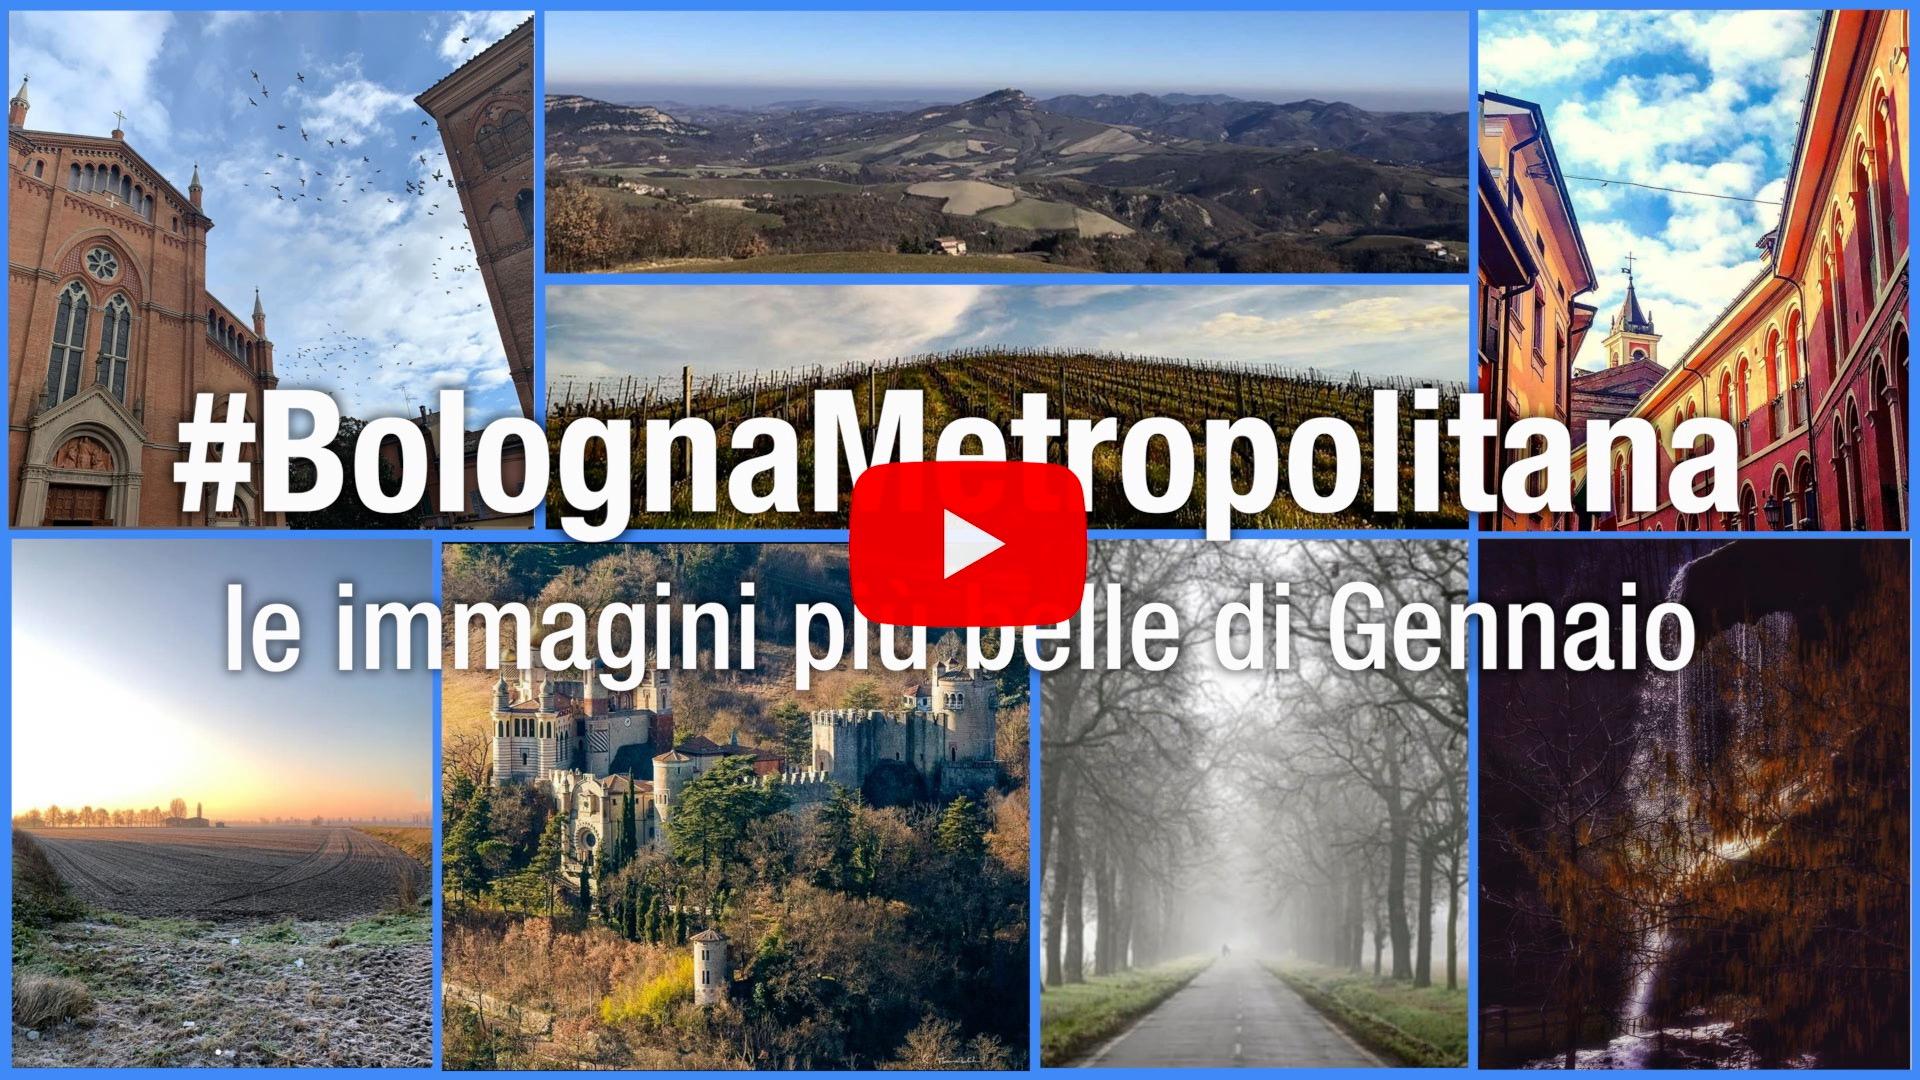 #BolognaMetropolitana - Le immagini più belle di gennaio 2020